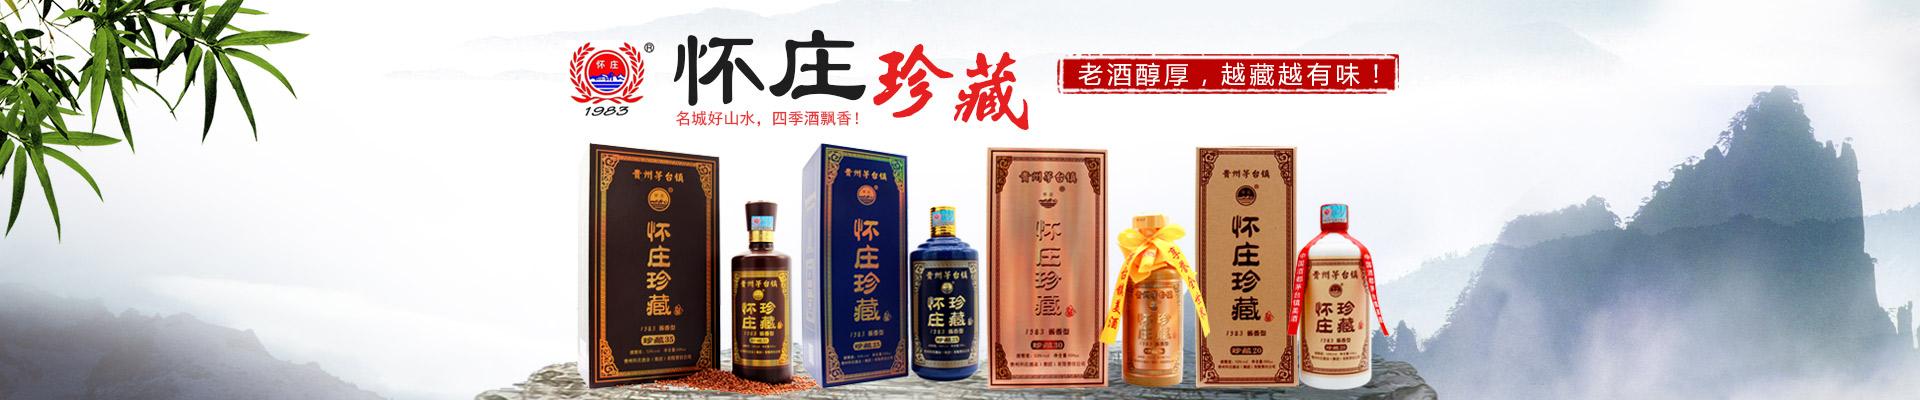 怀庄酒业集团